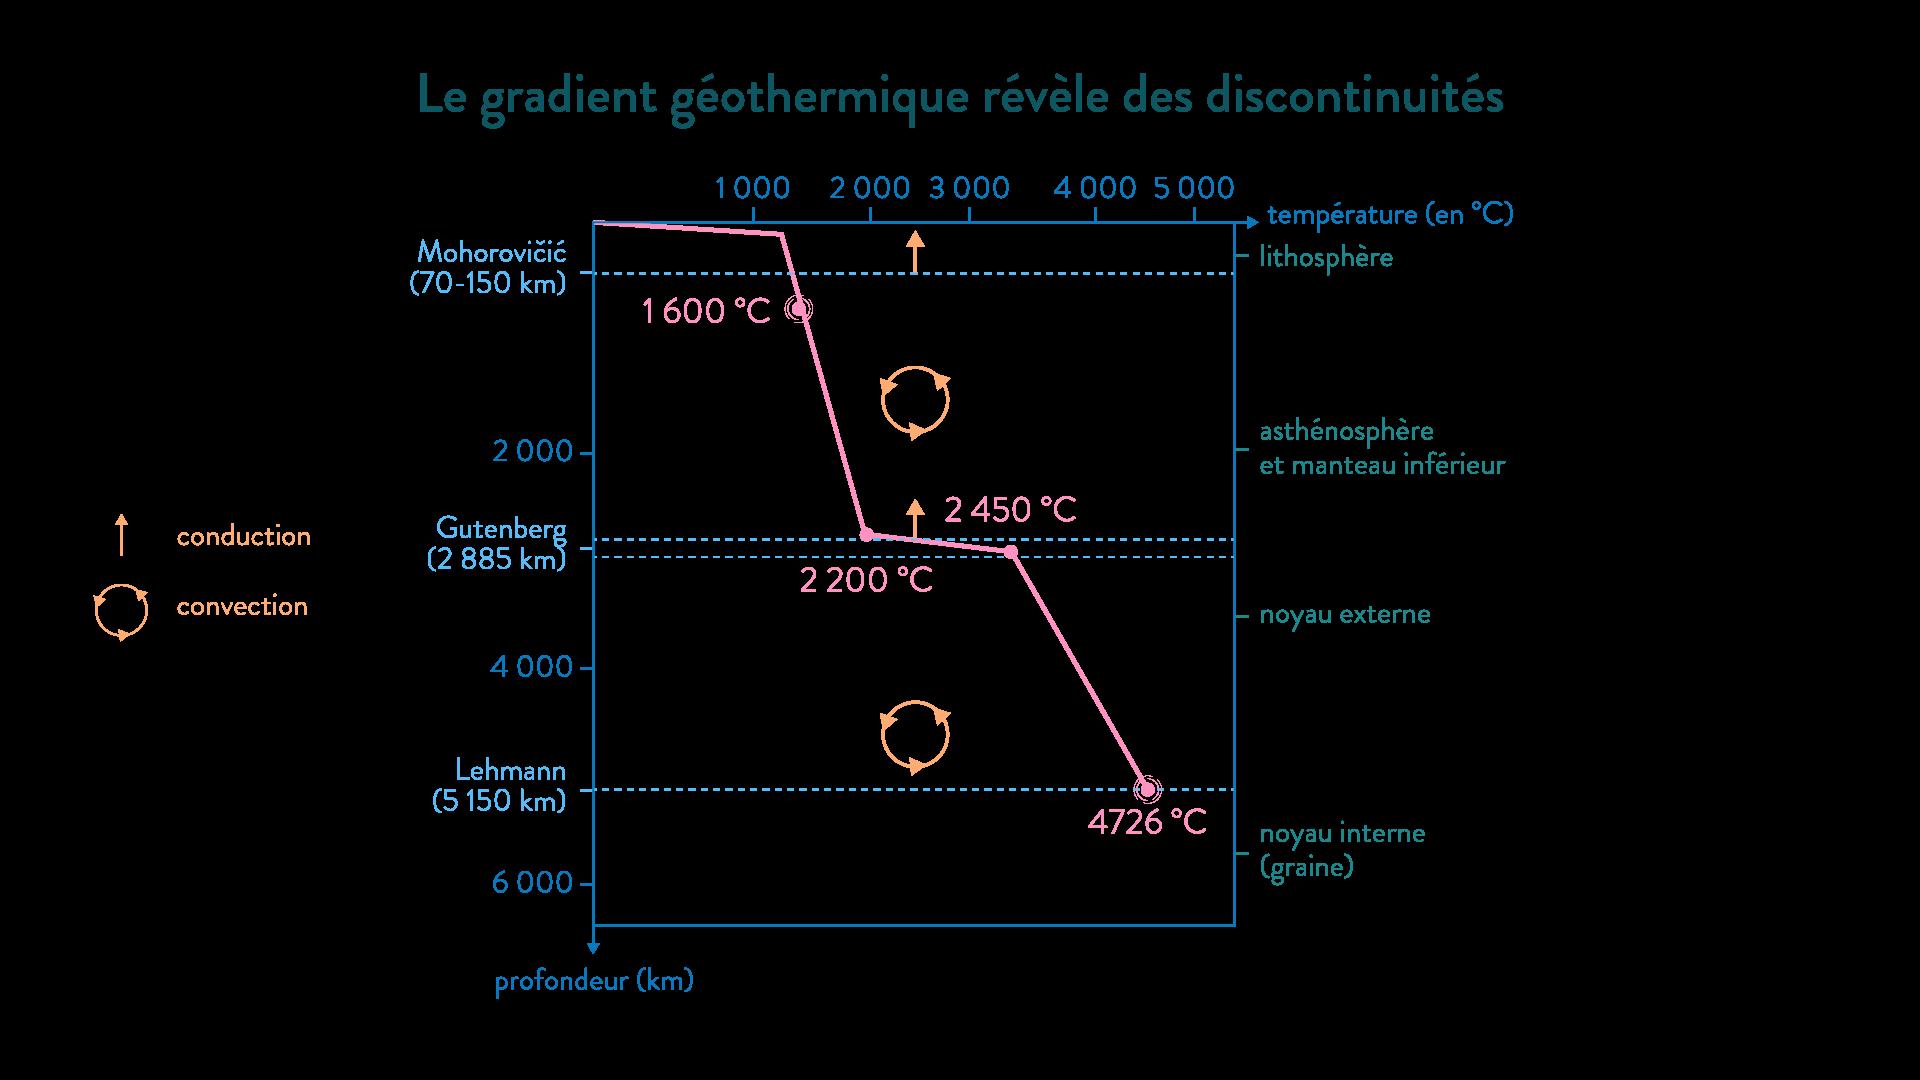 gradient géothermique discontinuités conduction convection mohorovicic gutenberg lehmann transferts thermiques internes svt première schoolmouv